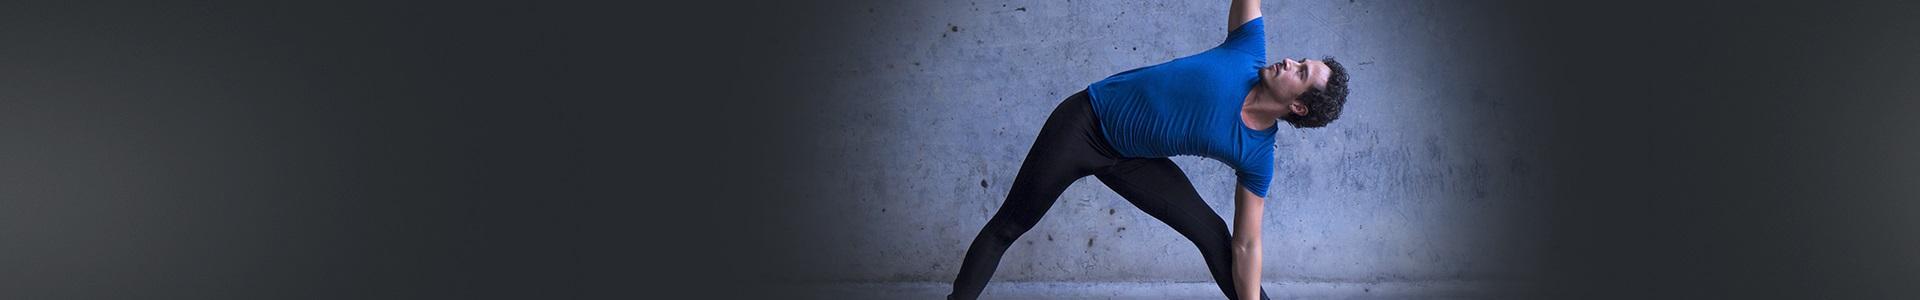 健身房全身肌肉强化训练-新手(4练/周)